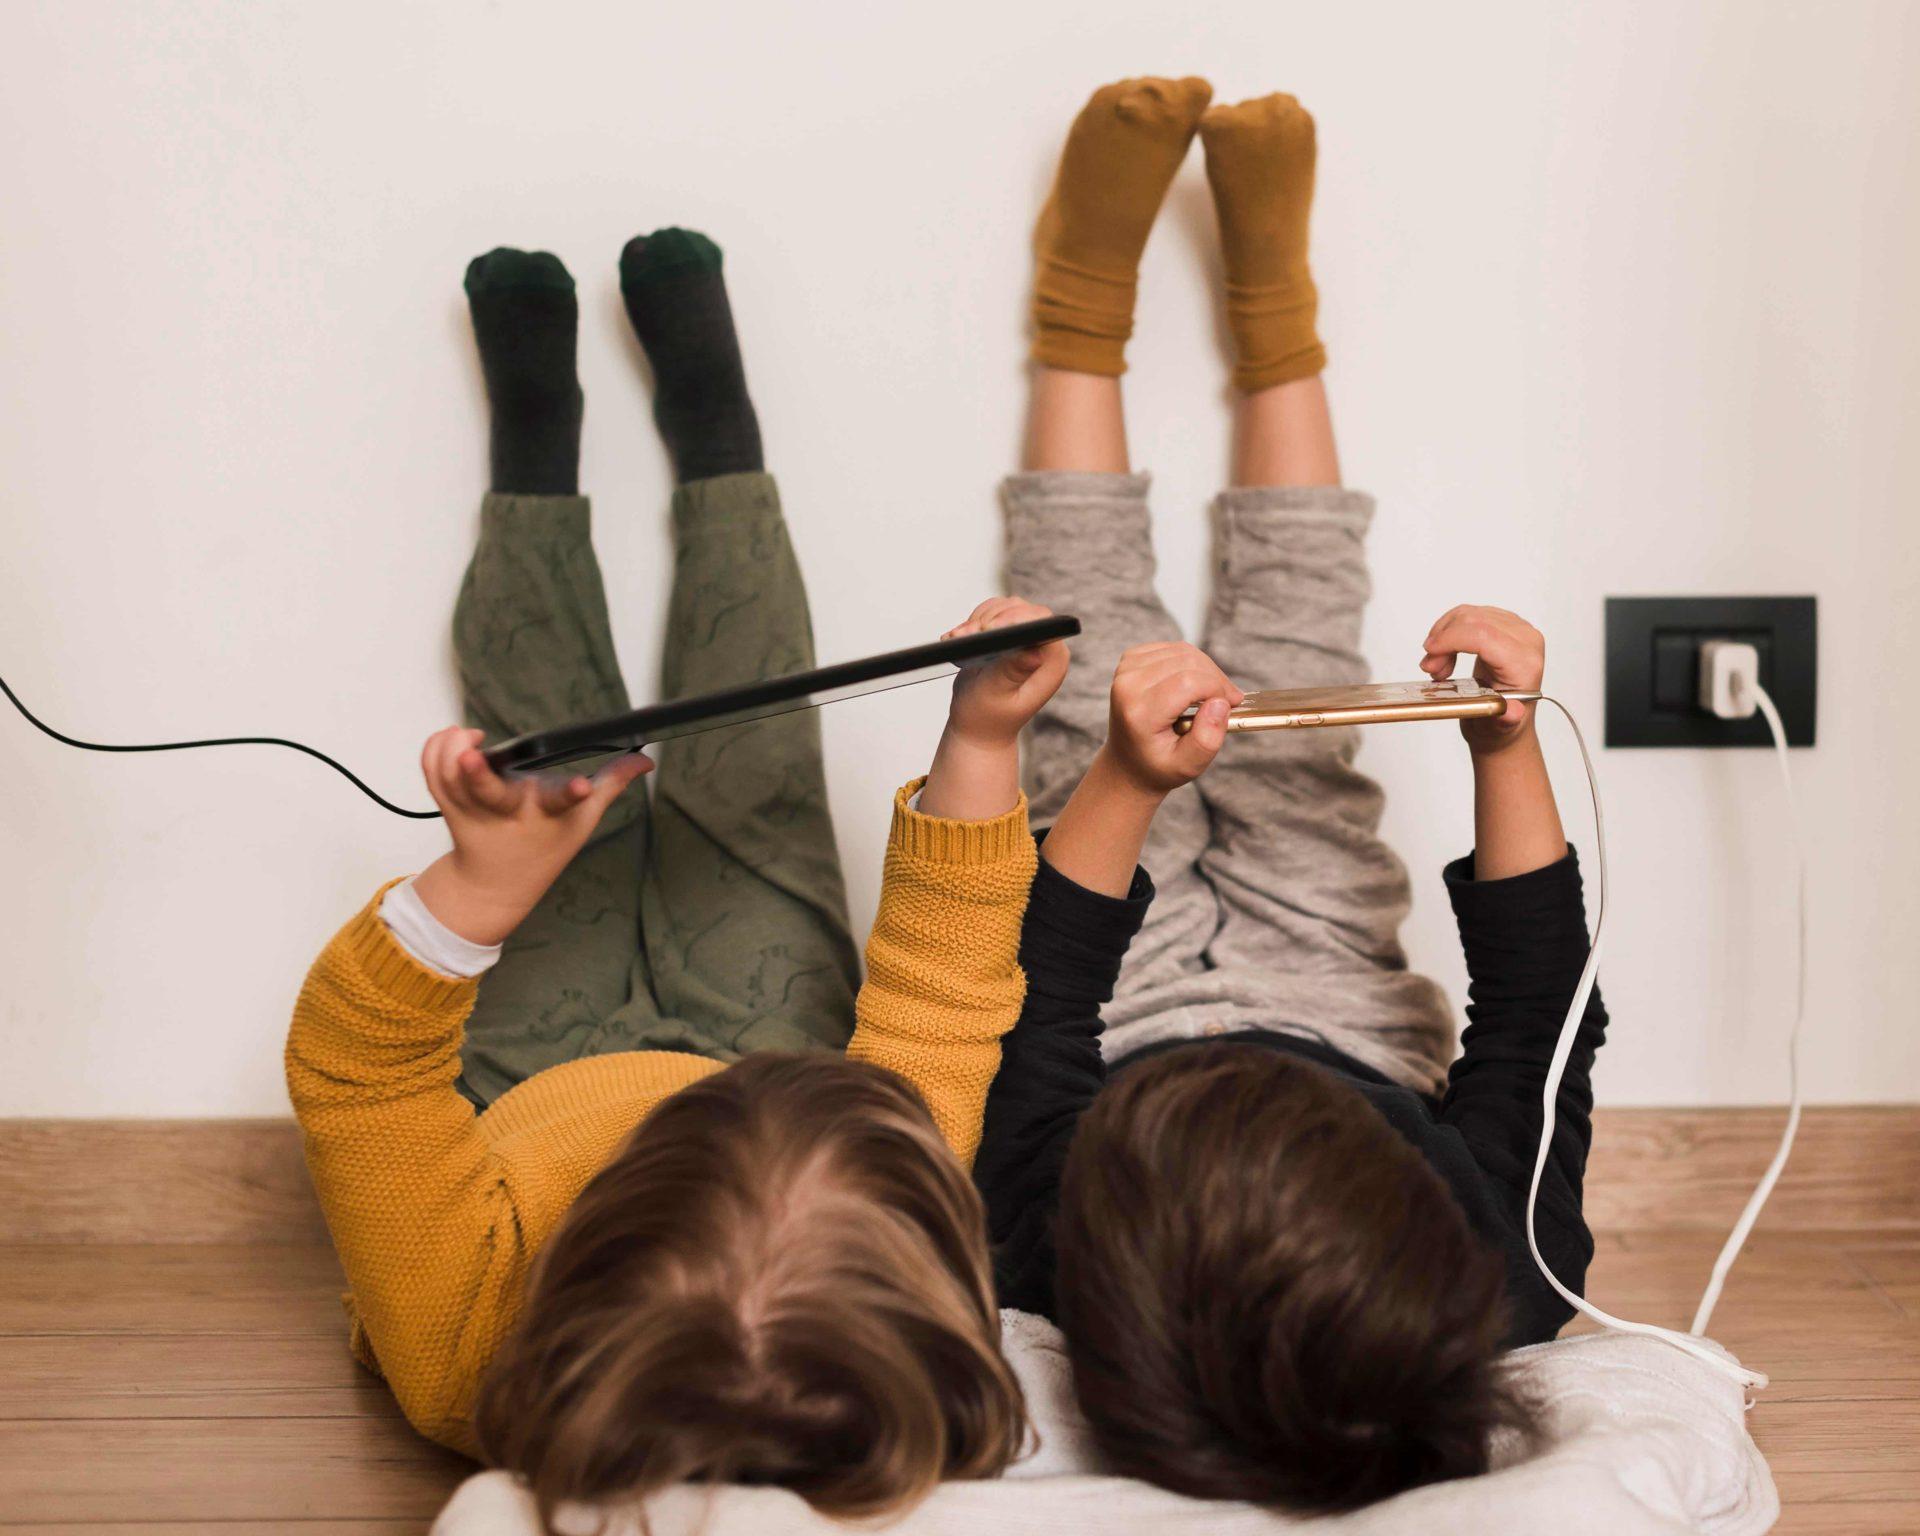 deti leziace na zemi s tabletmi zapojenymi v zastrcke